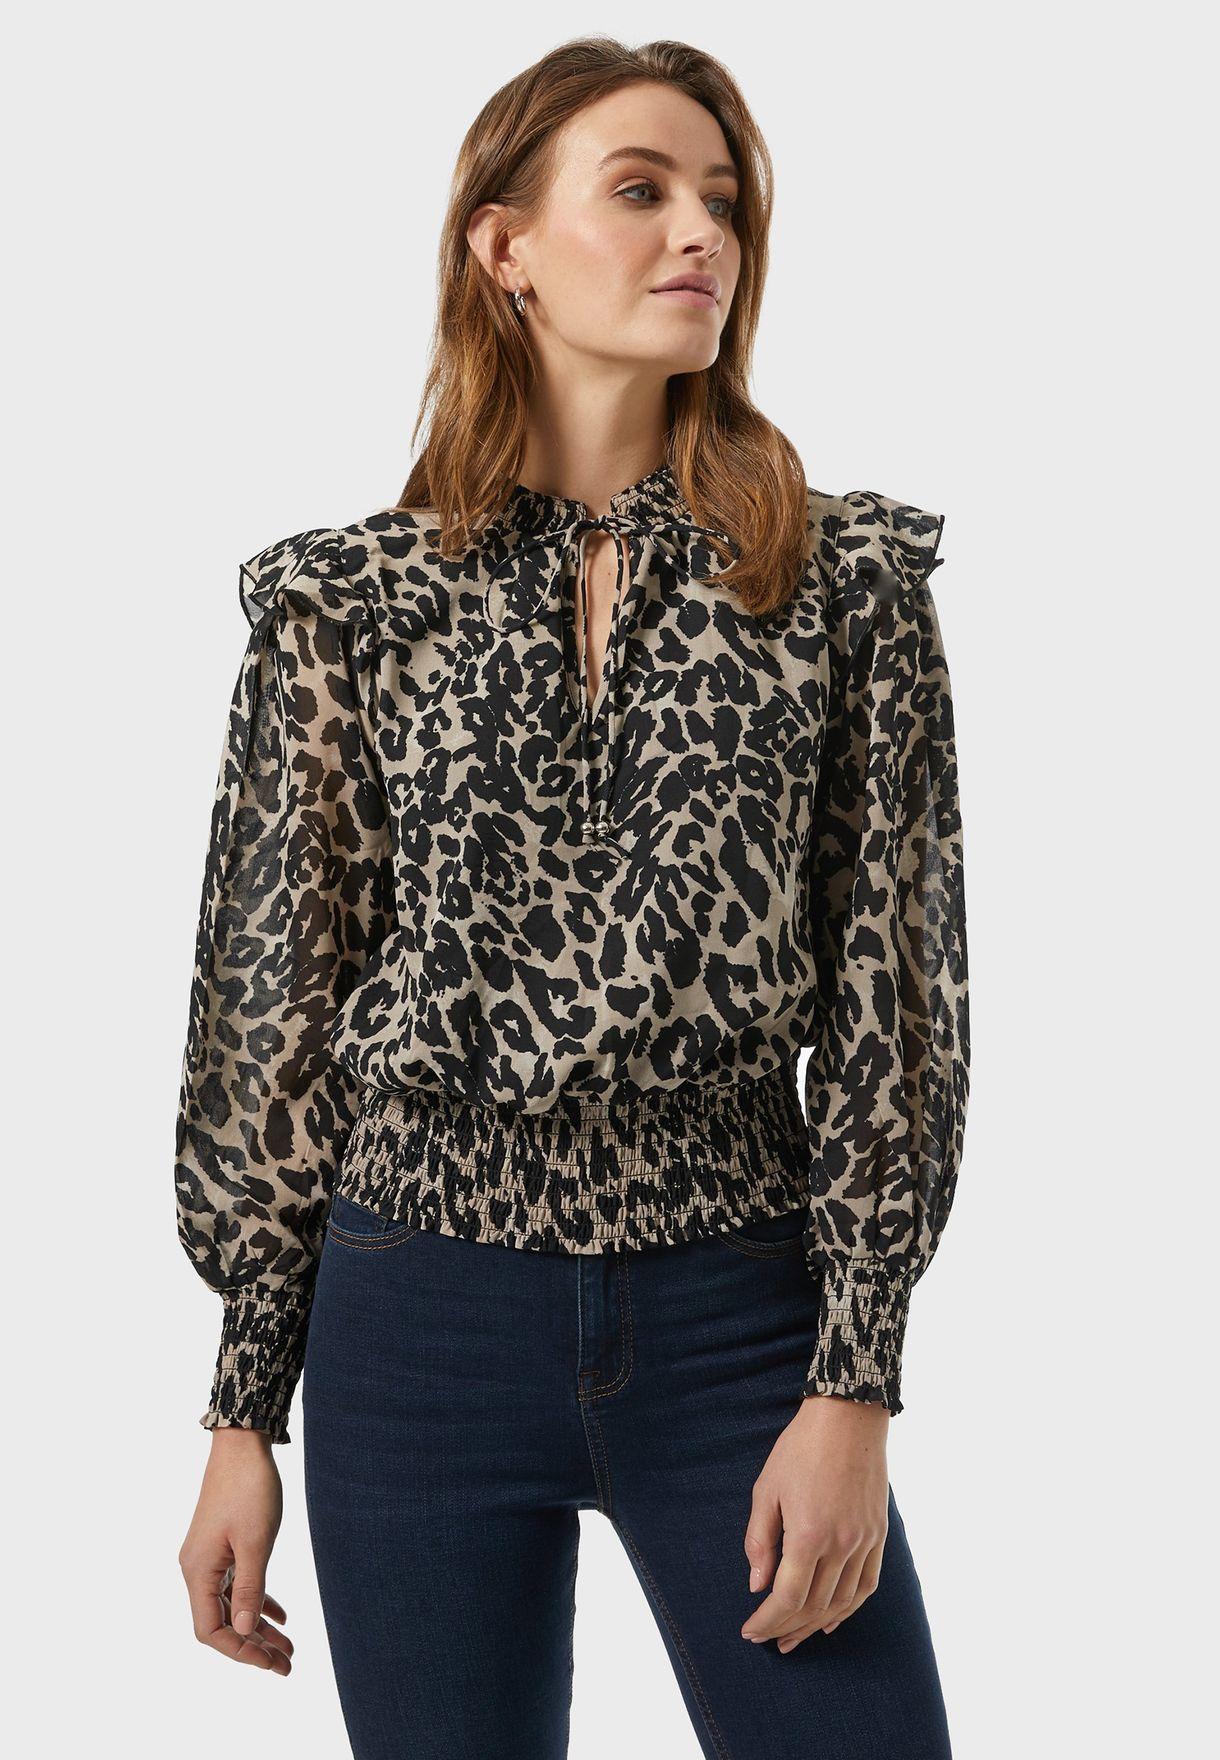 Leopard Tie Neck Top